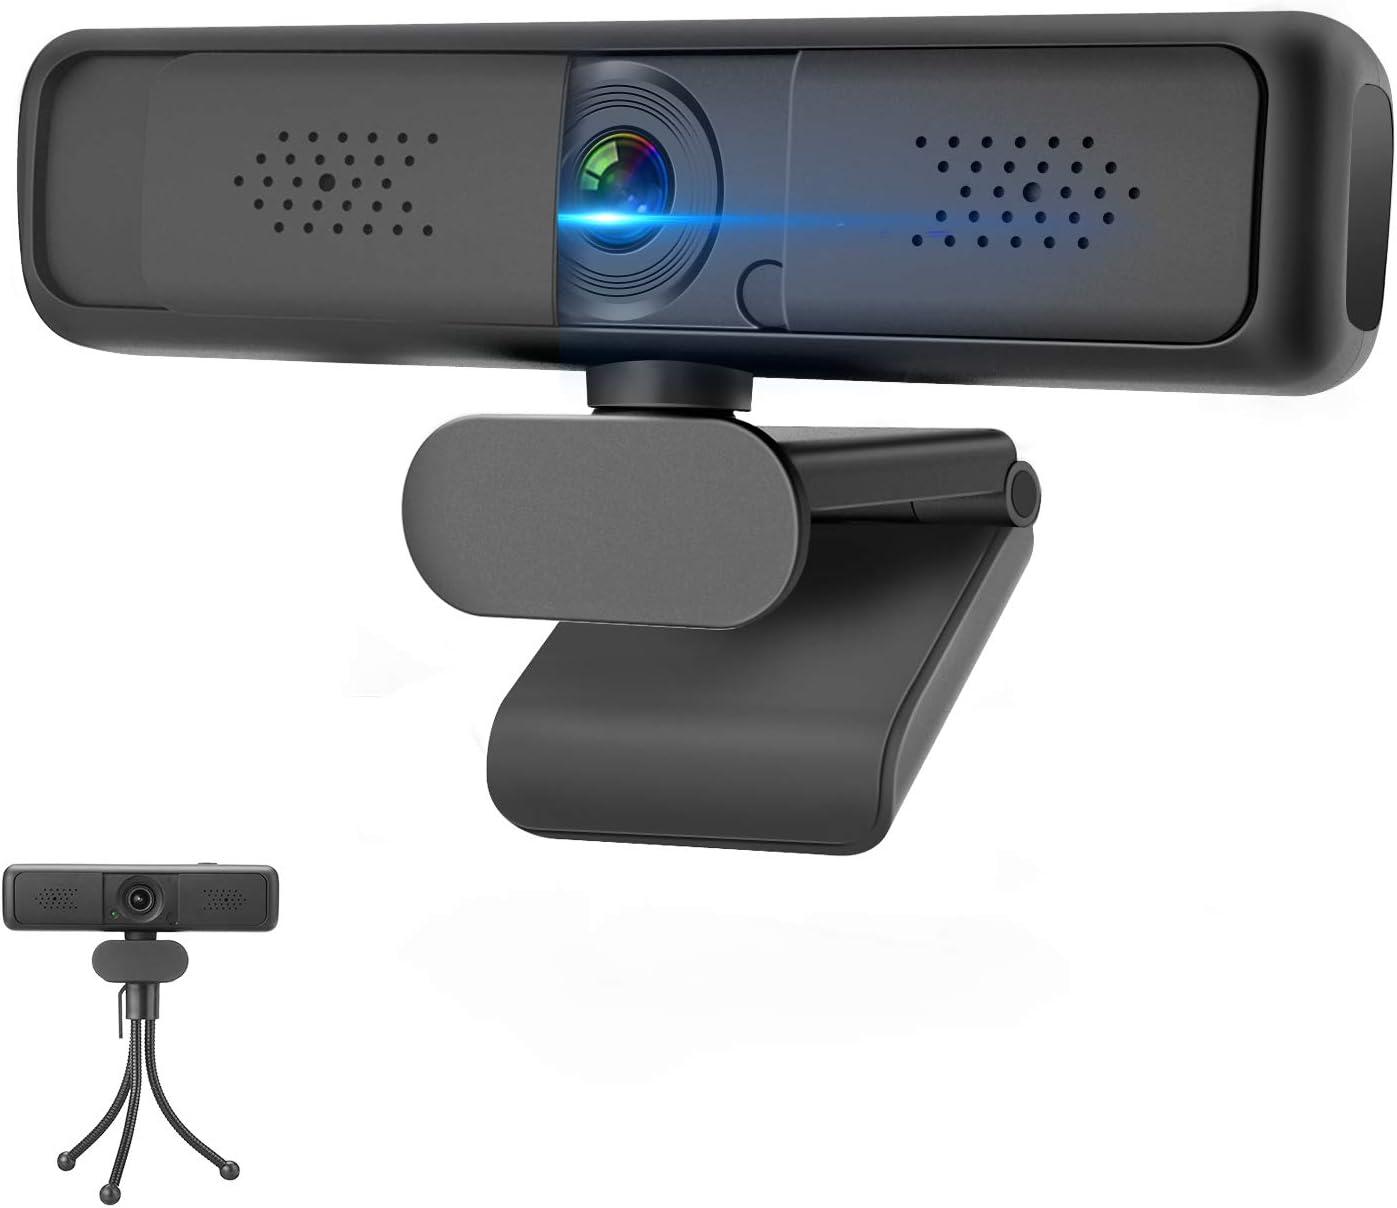 Webcam con micrófono Meco Eleverde + trípode por sólo 13,50€ usando el #código: I25UE6A8